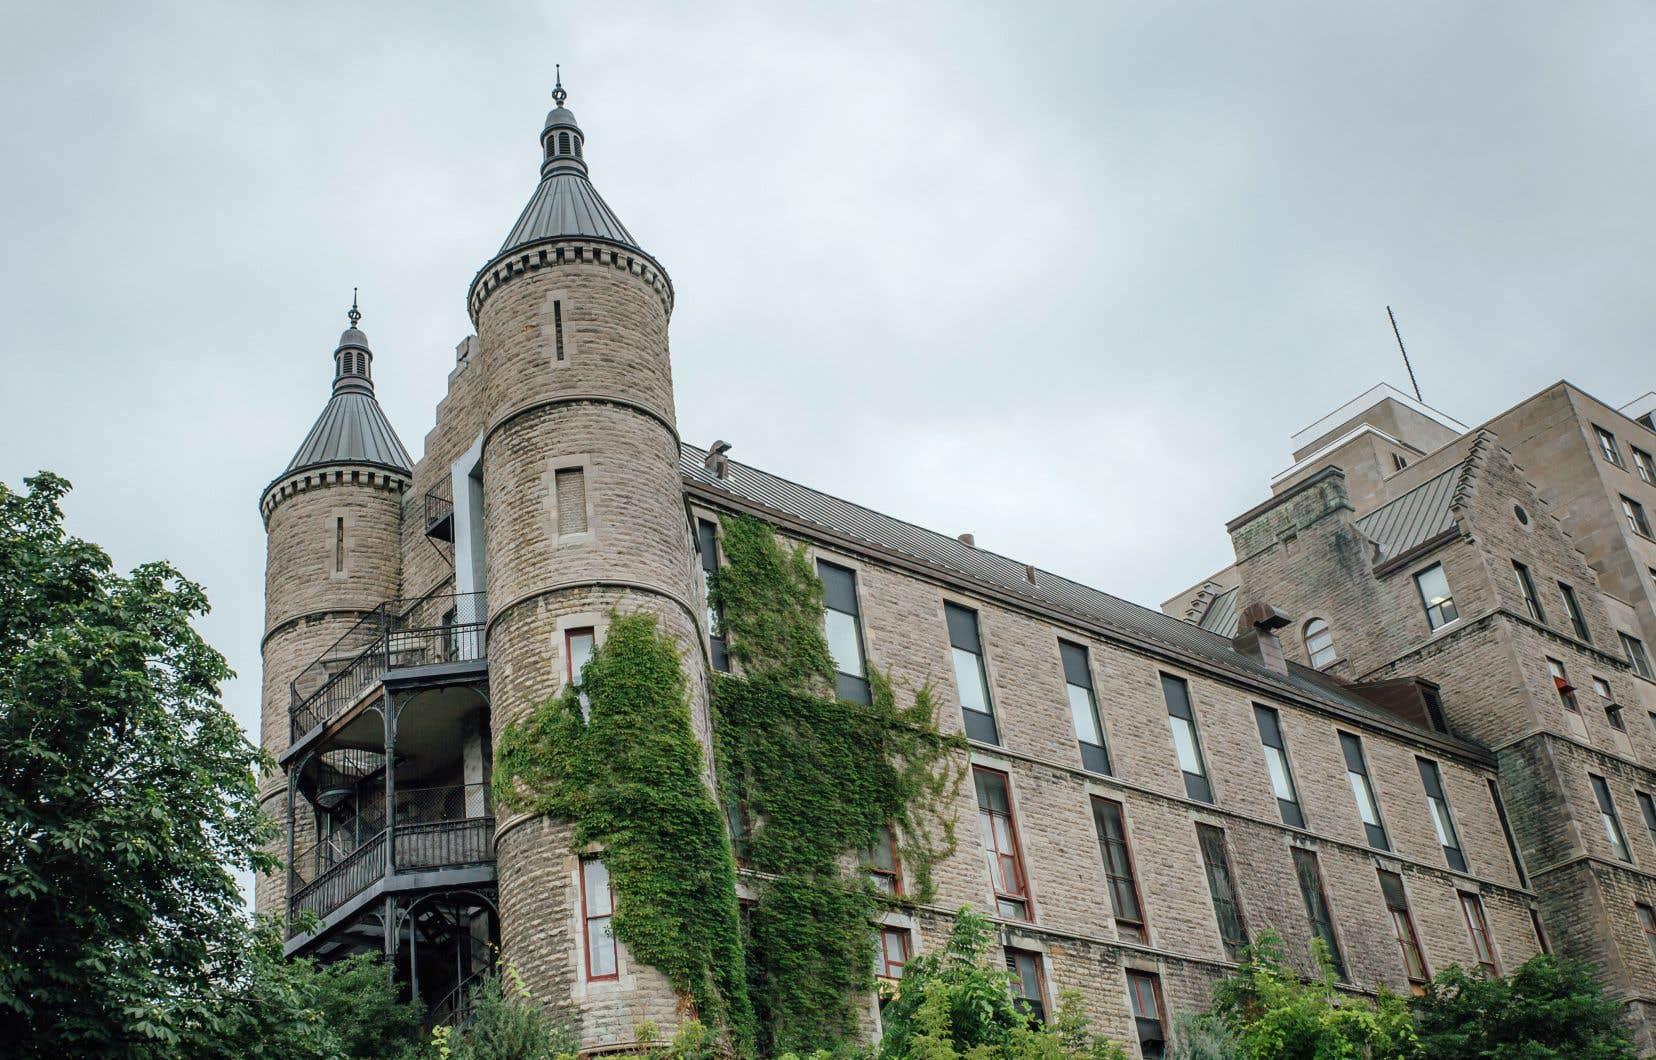 Fondé en 1893, l'hôpital Royal Victoria a longtemps occupé une place importante dans le réseau de la santé montréalais.